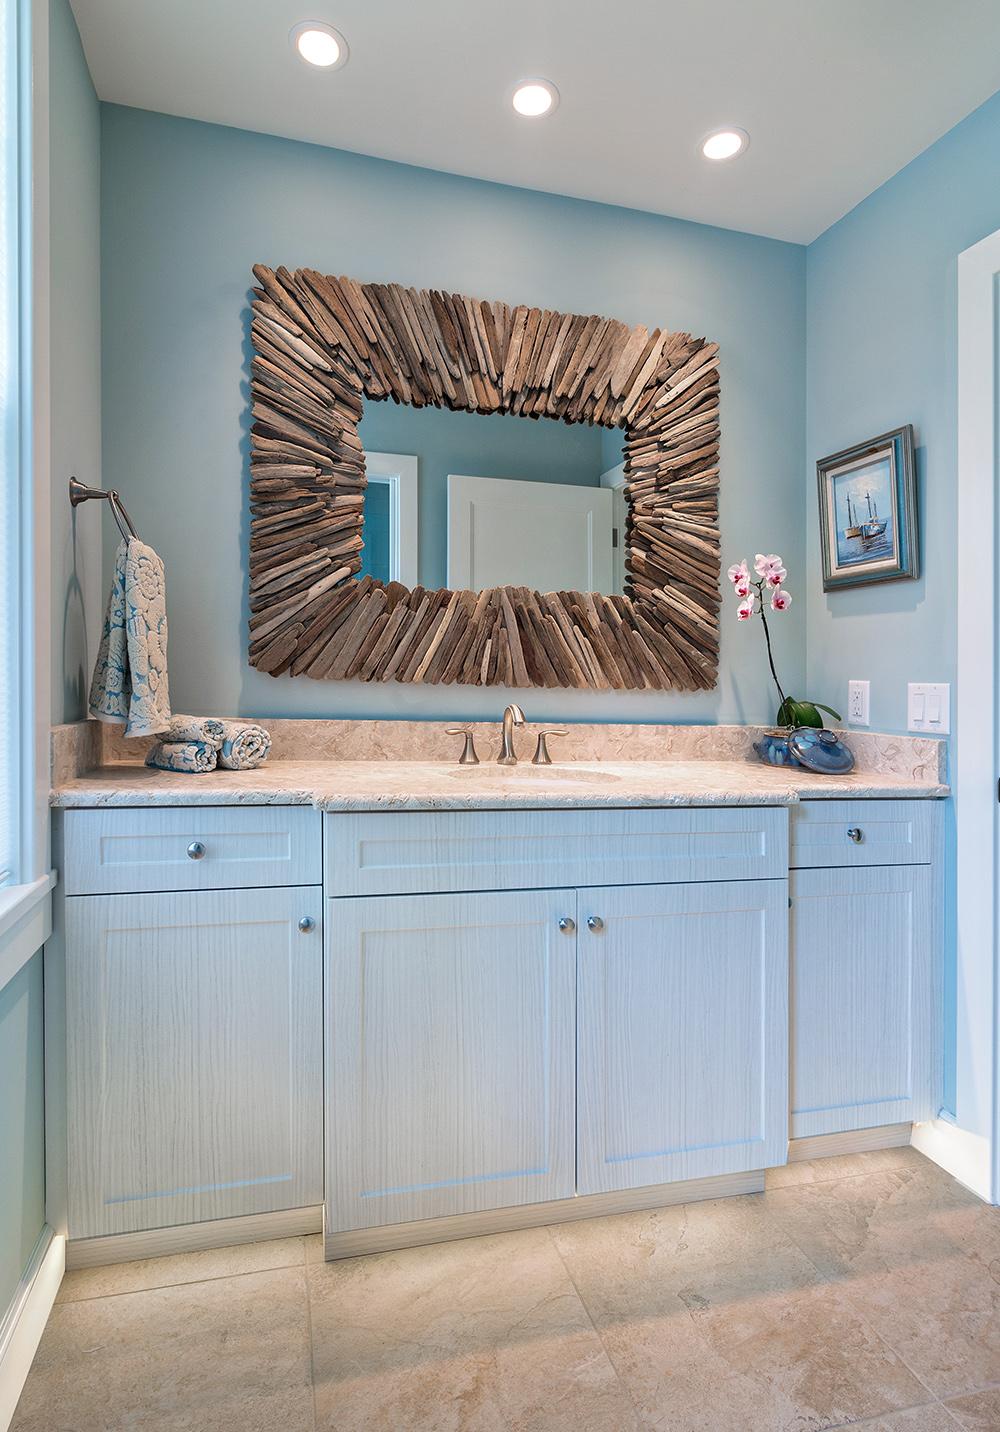 DKI | Distinctive Kitchen Interiors